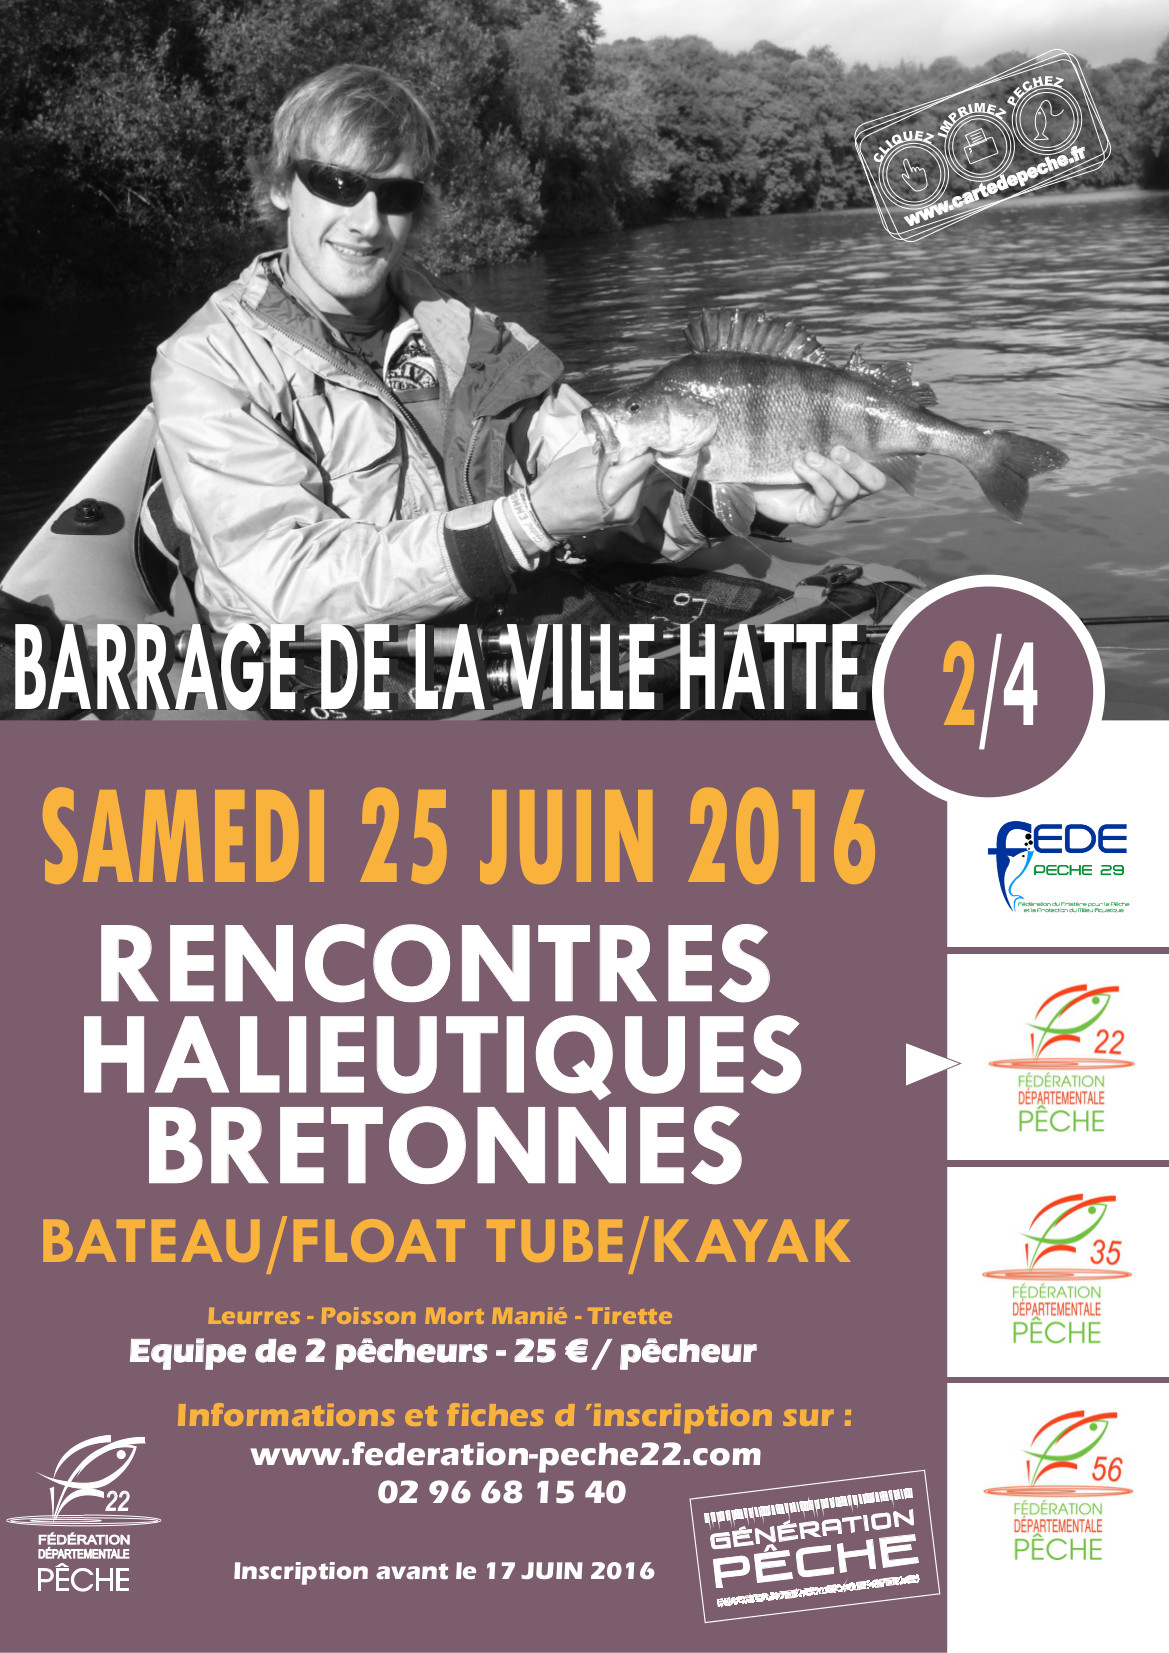 Rencontre halieutique bretonne 2016